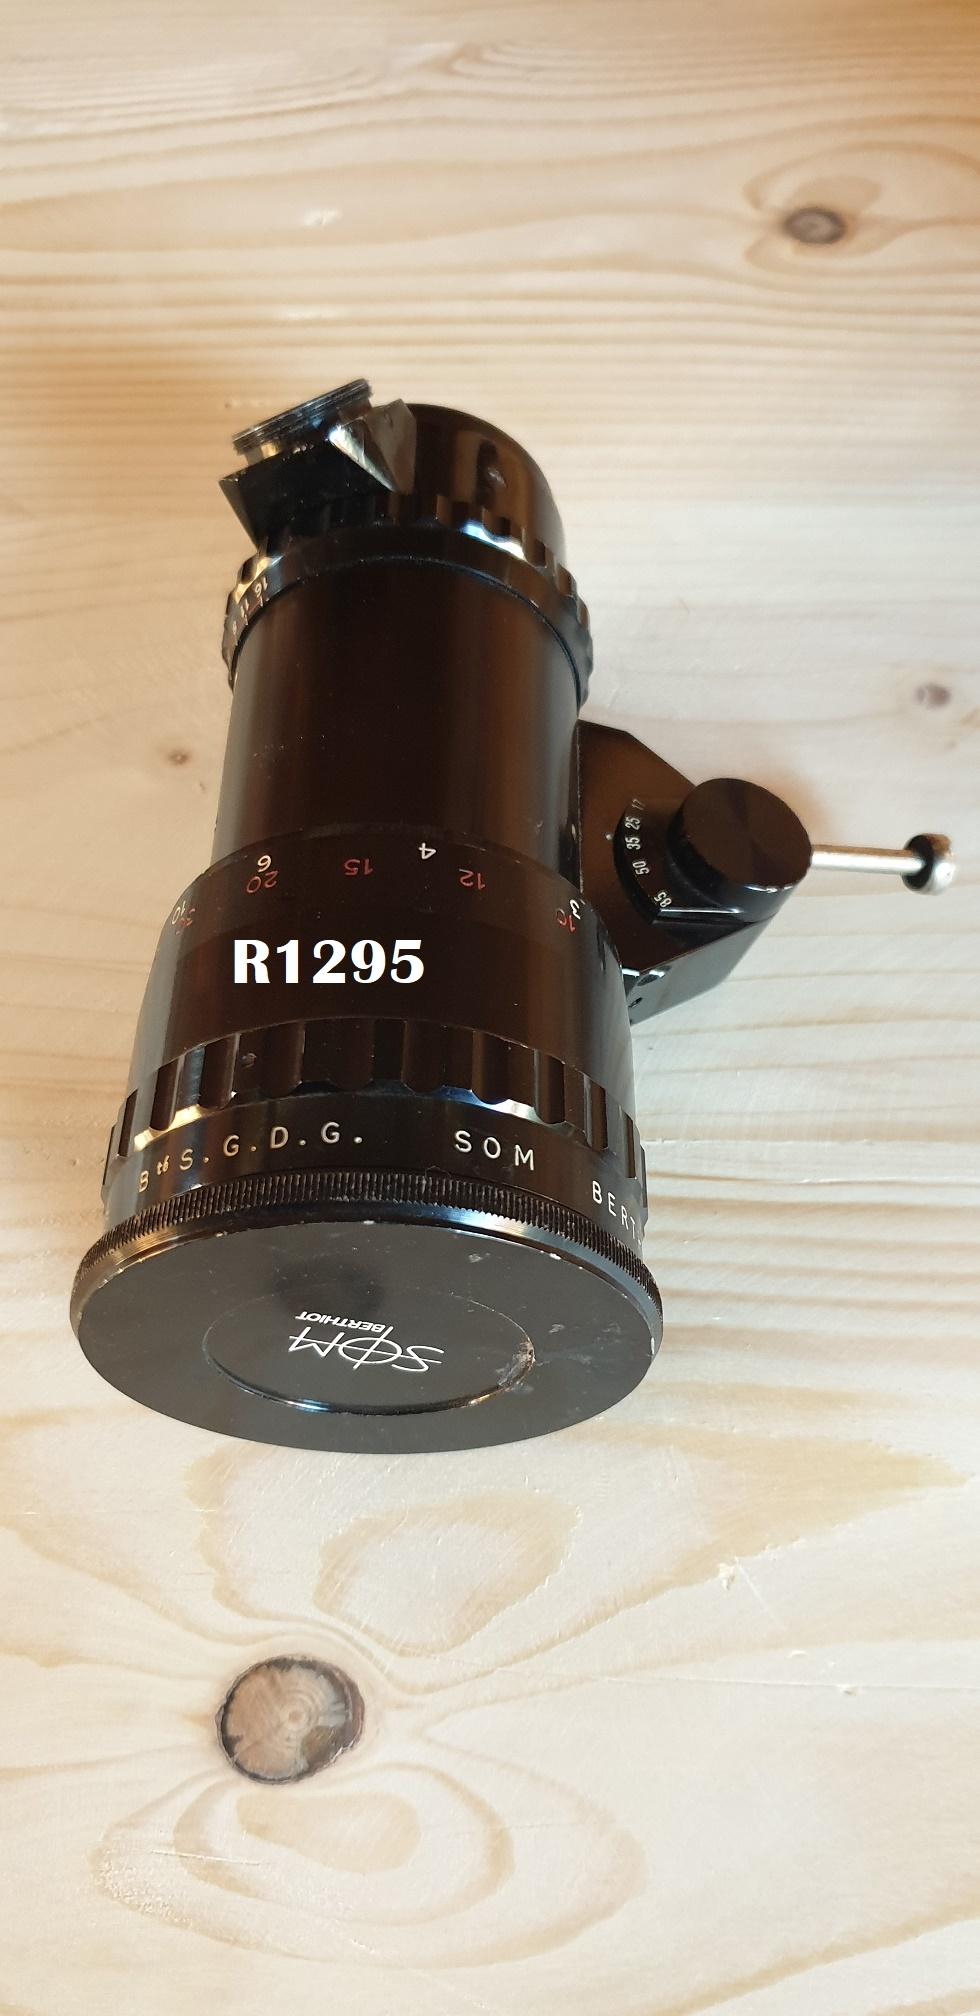 SOM Berthiot Pan- Cinor 1  2  f=17 85mm C-Mount Bolex Movie Camera Lens